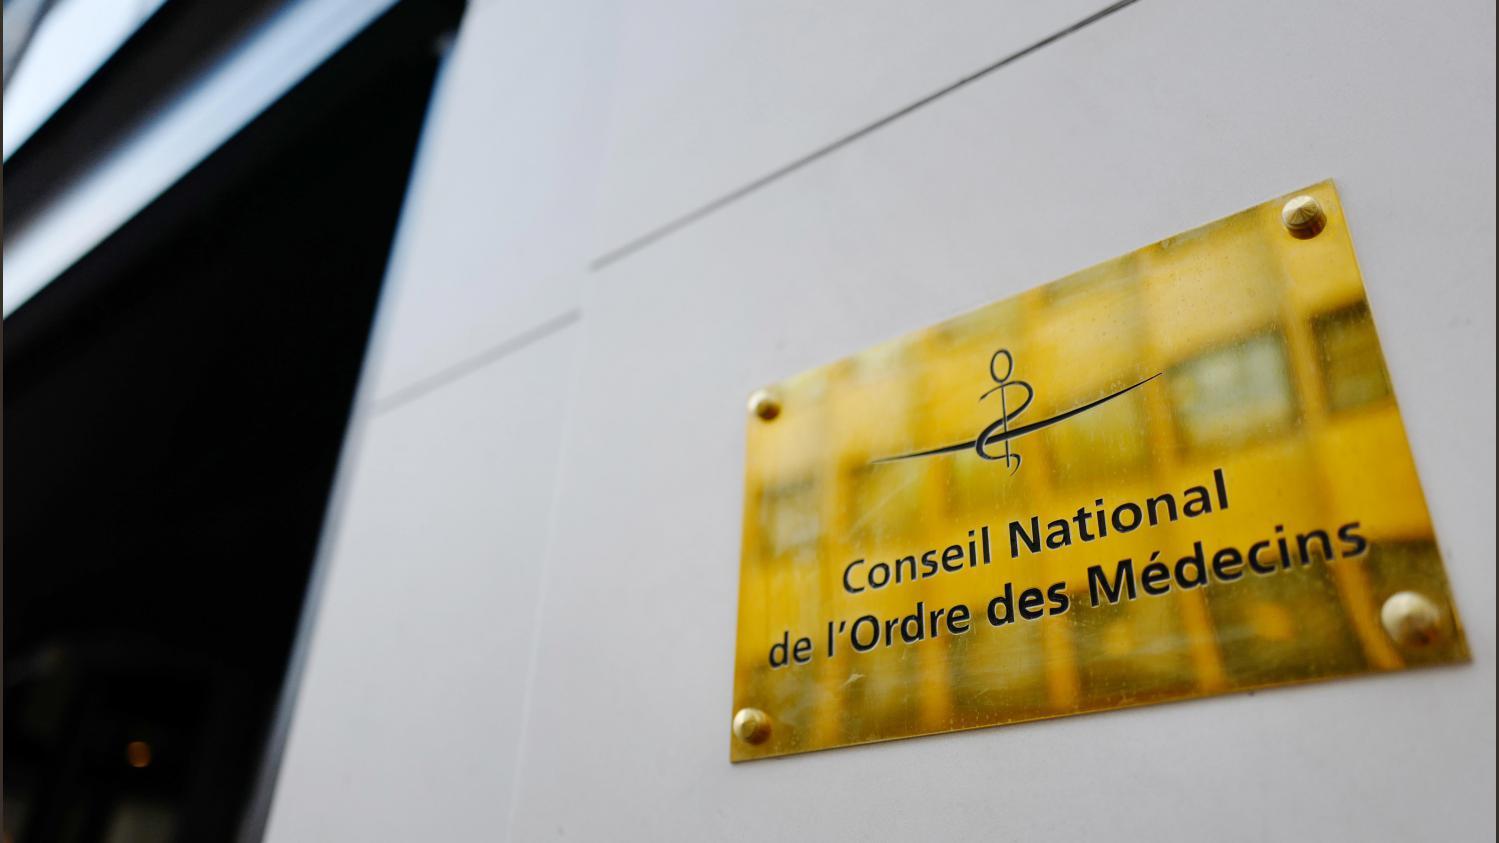 Sarthe un psychiatre condamn trois mois d - Chambre disciplinaire nationale de l ordre des medecins ...